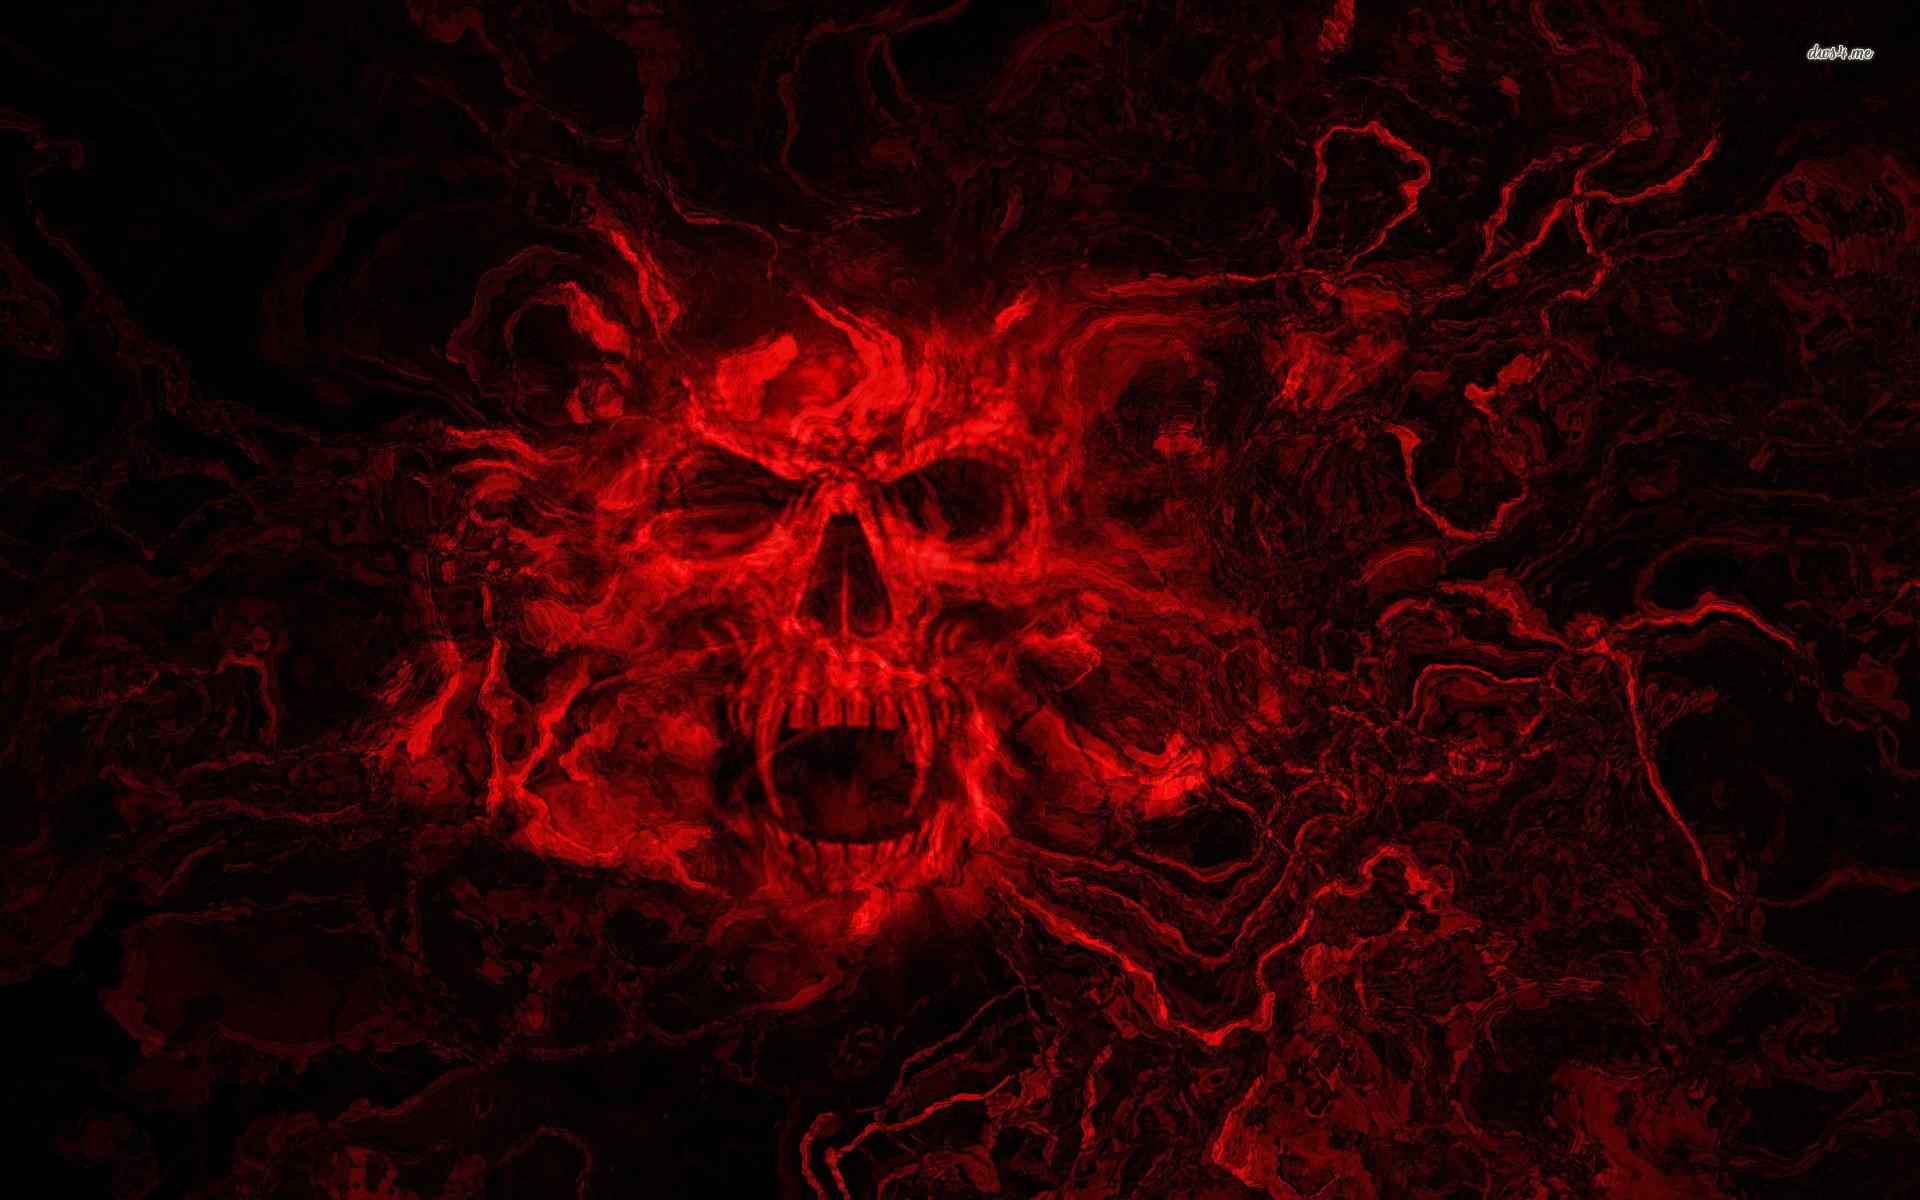 Red skull wallpaper   Digital Art wallpapers   12294 1920x1200